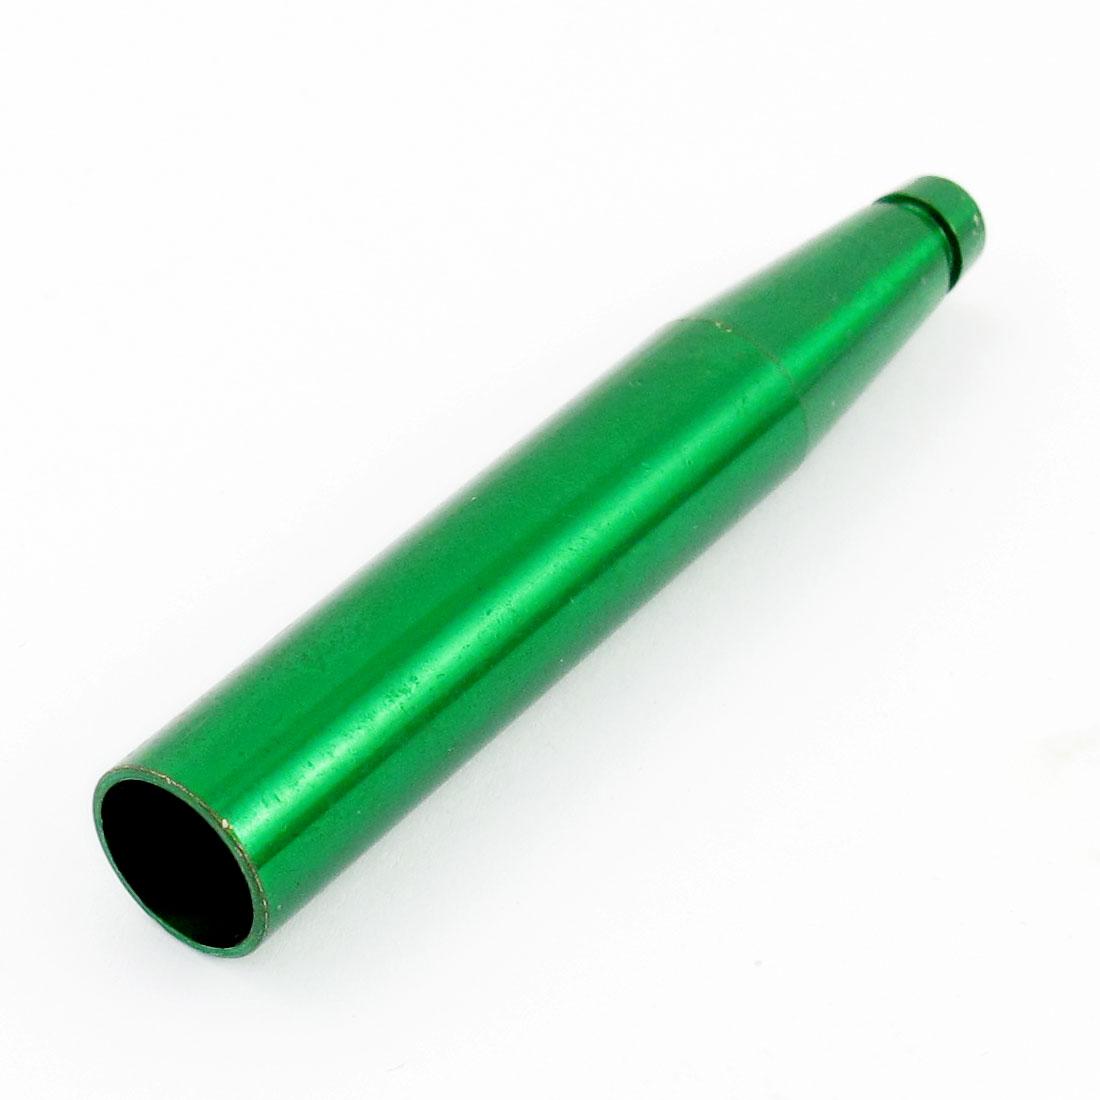 Car Auto Metal Oil Air Compressor Shaft Seal Protector Green